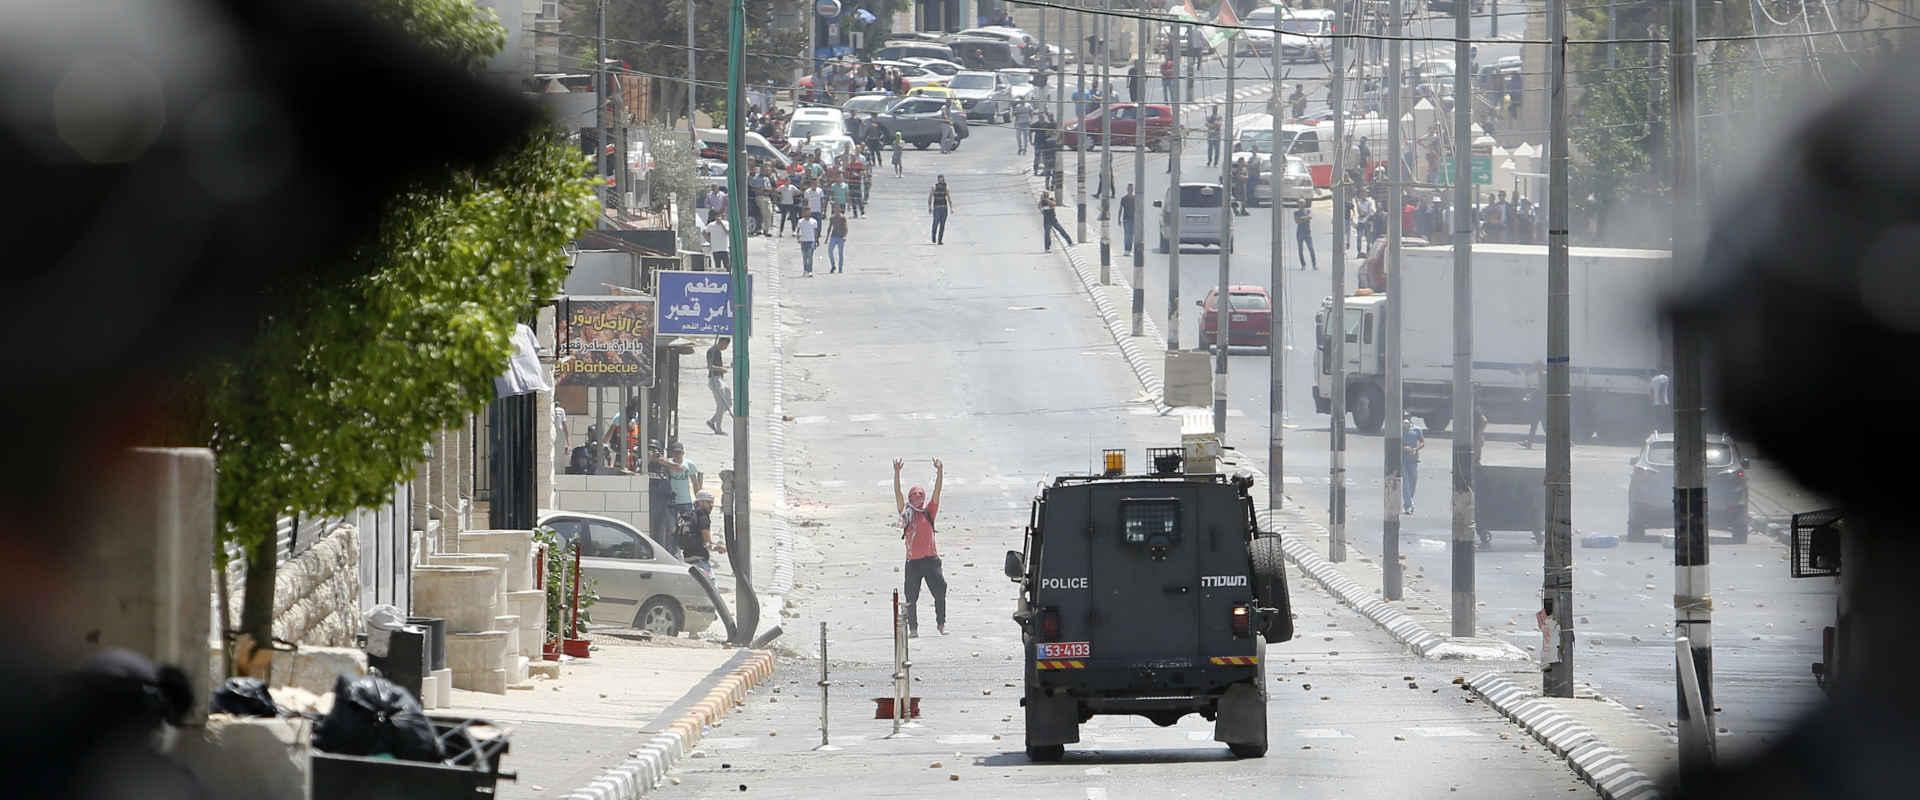 עימות בין כוחות הביטחון לפלסטינים בבית לחם, בשבוע